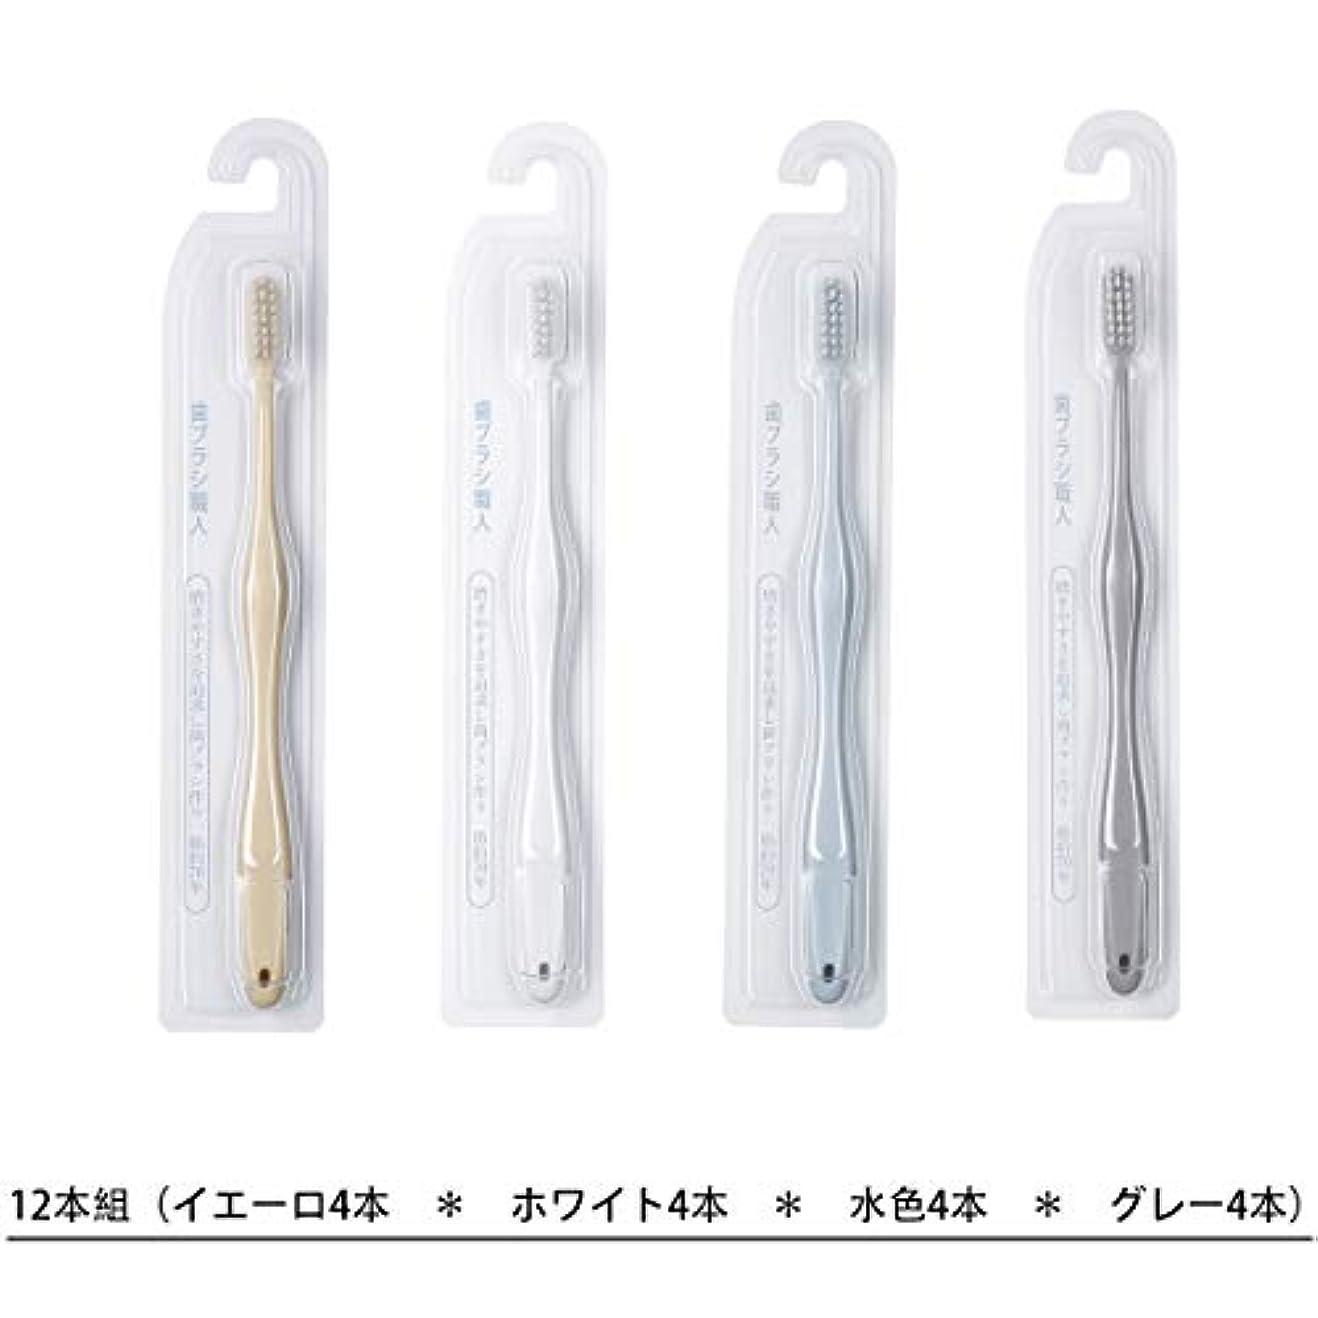 遮る力学韓国語歯ブラシ職人 田辺重吉 磨きやすい歯ブラシ 極 AT-09 (12本組)